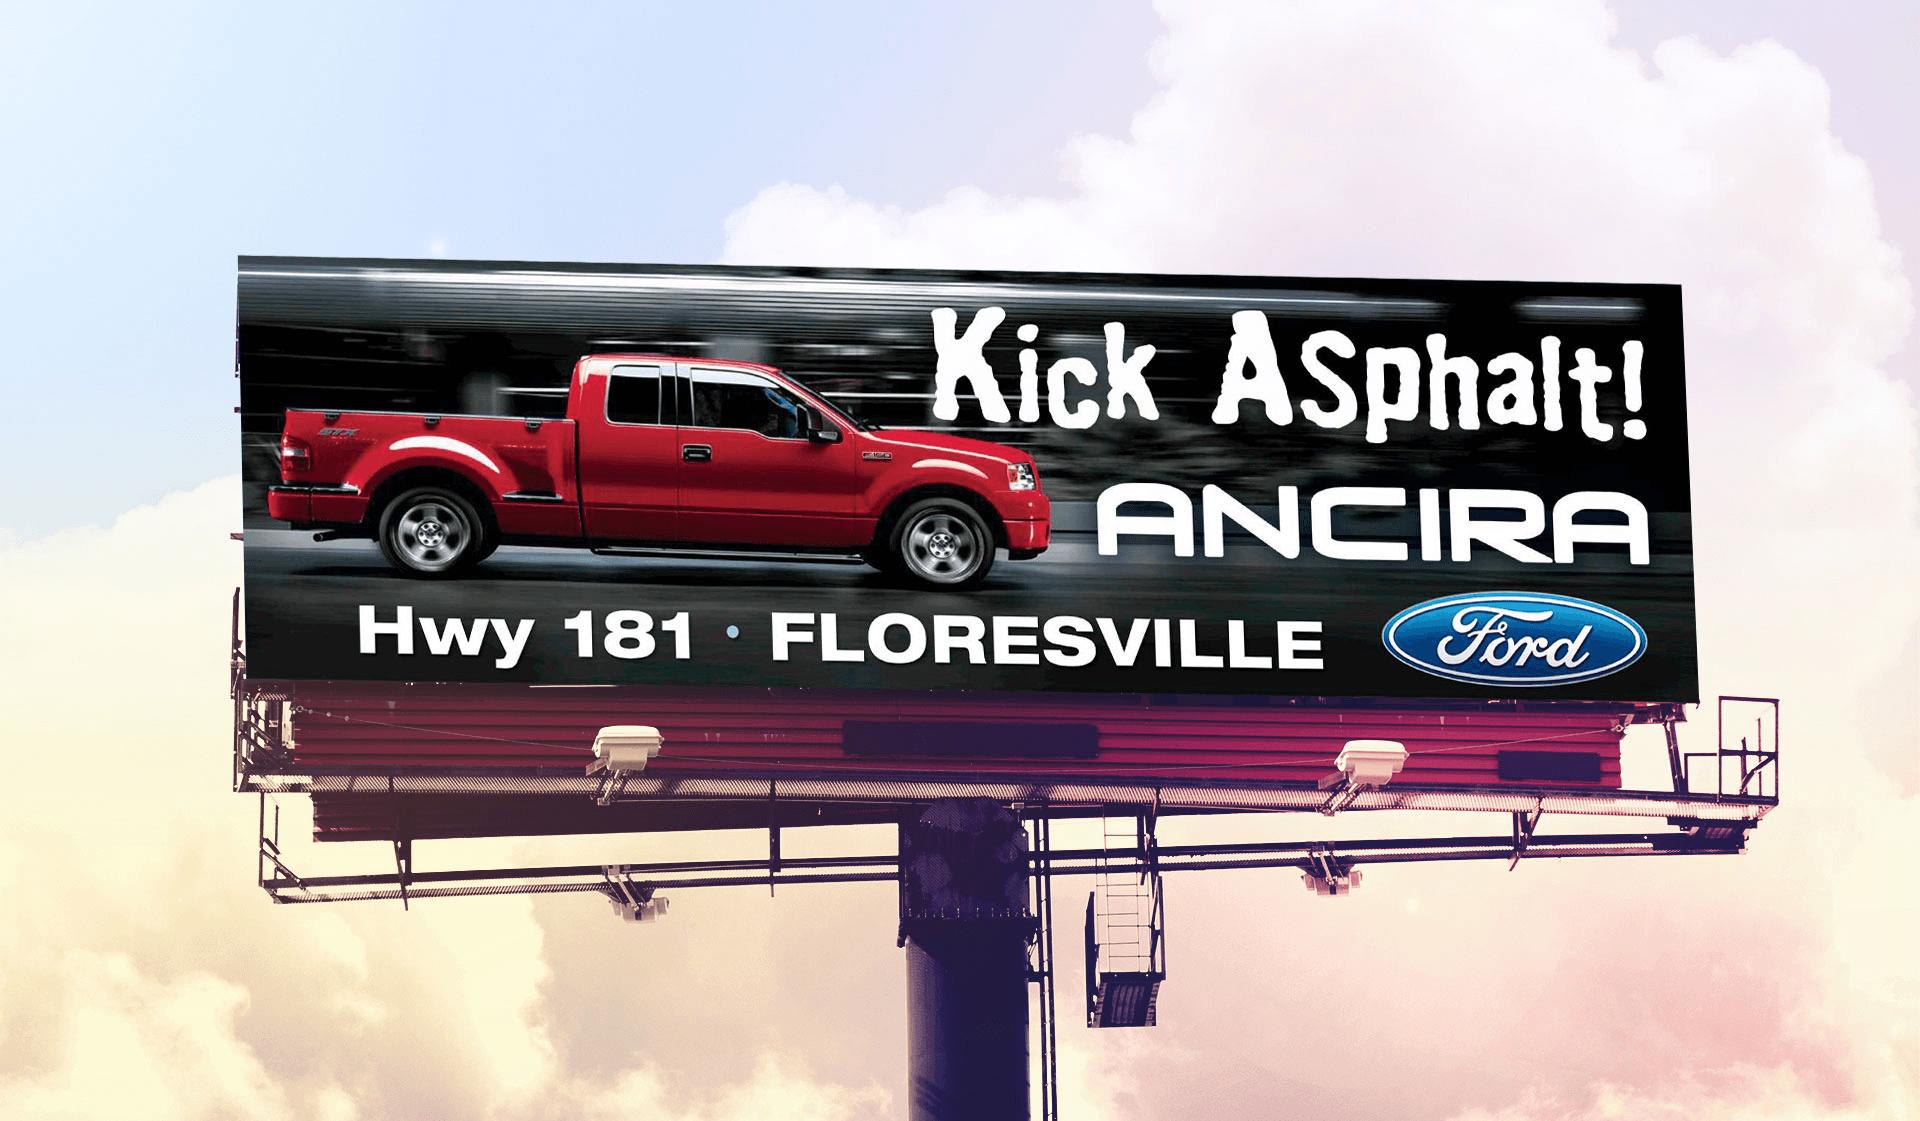 Ancira Ford Billboard